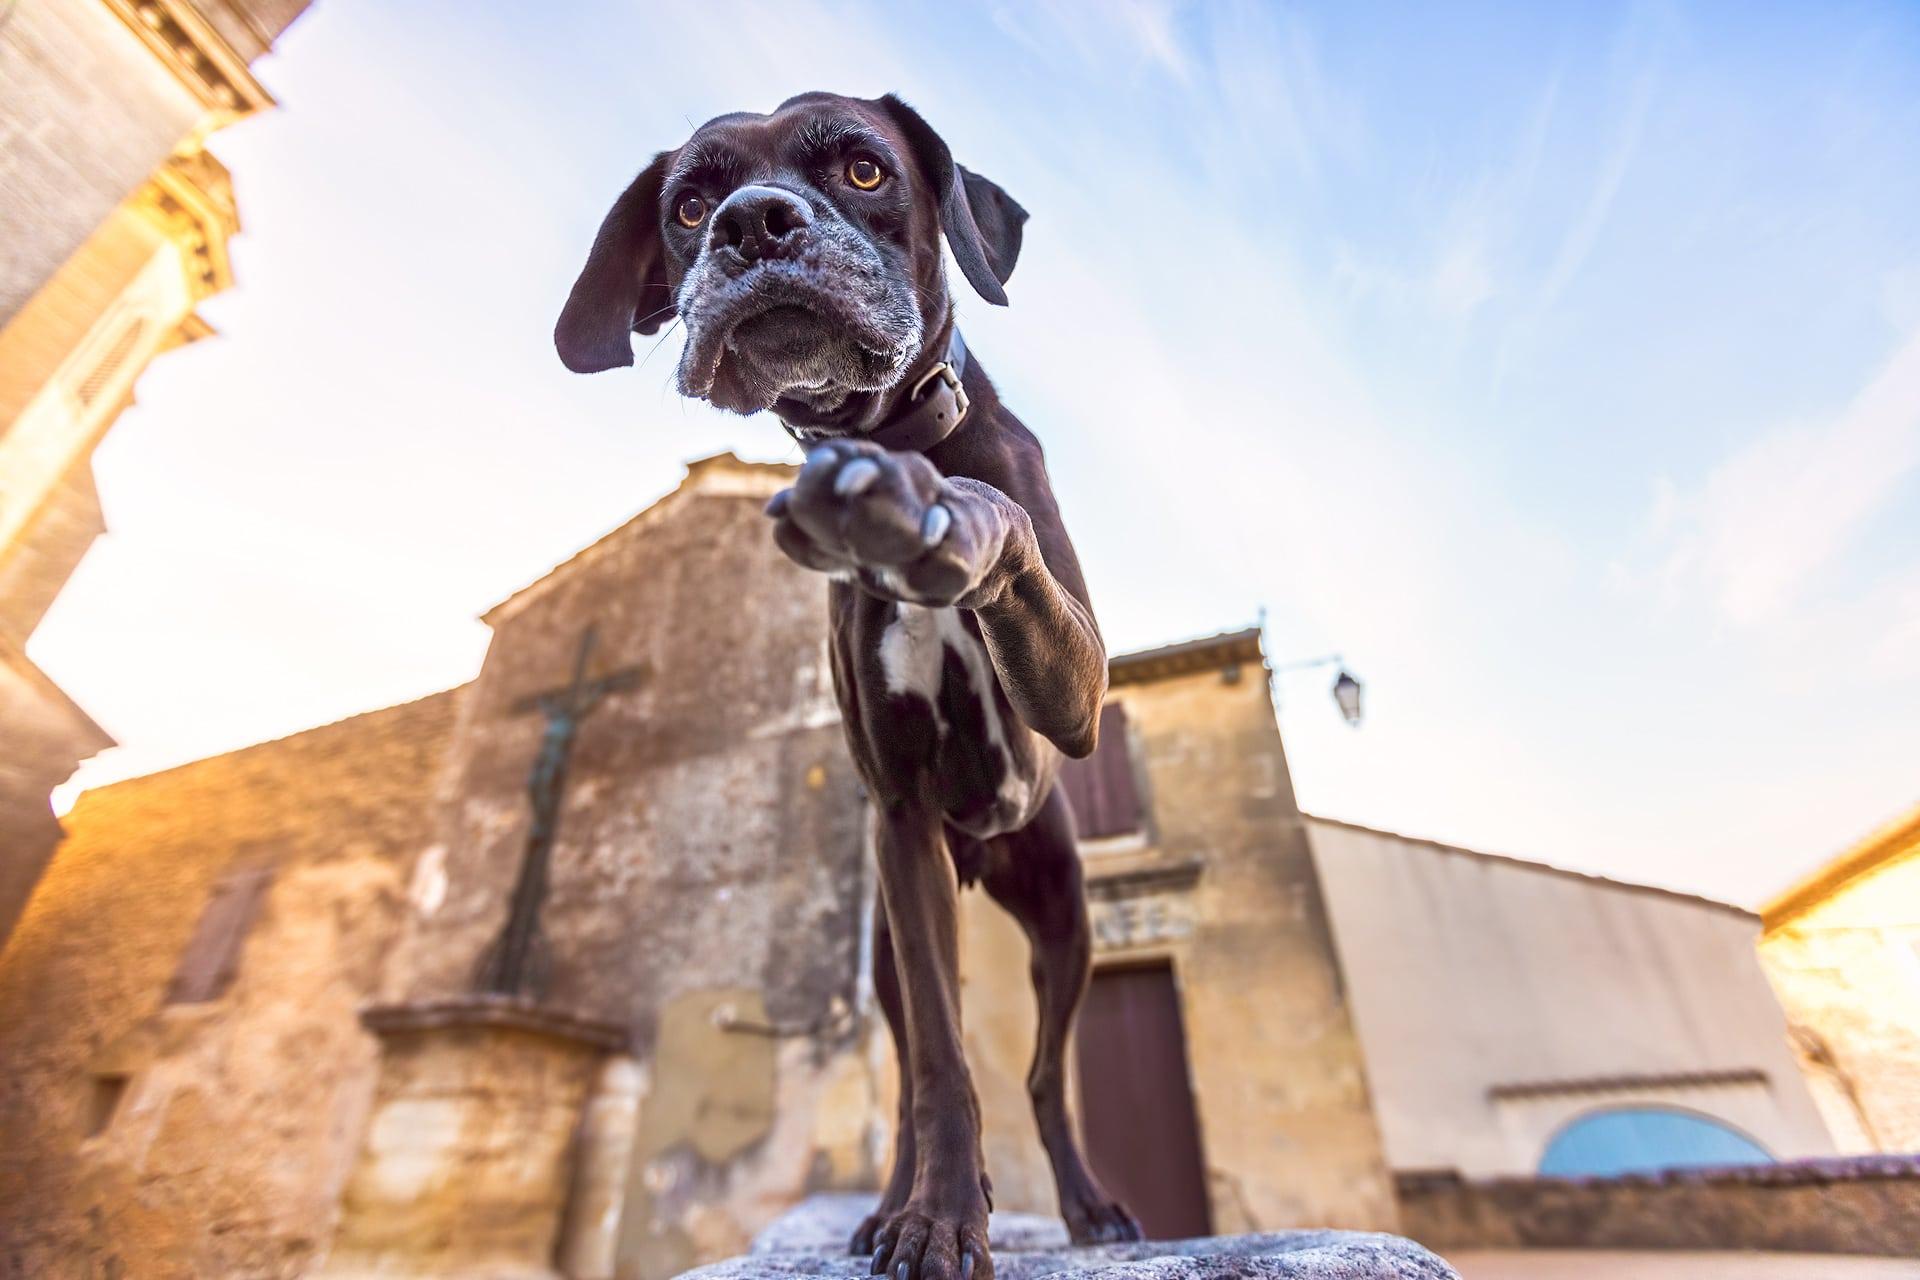 Boxer Cane Corso in France